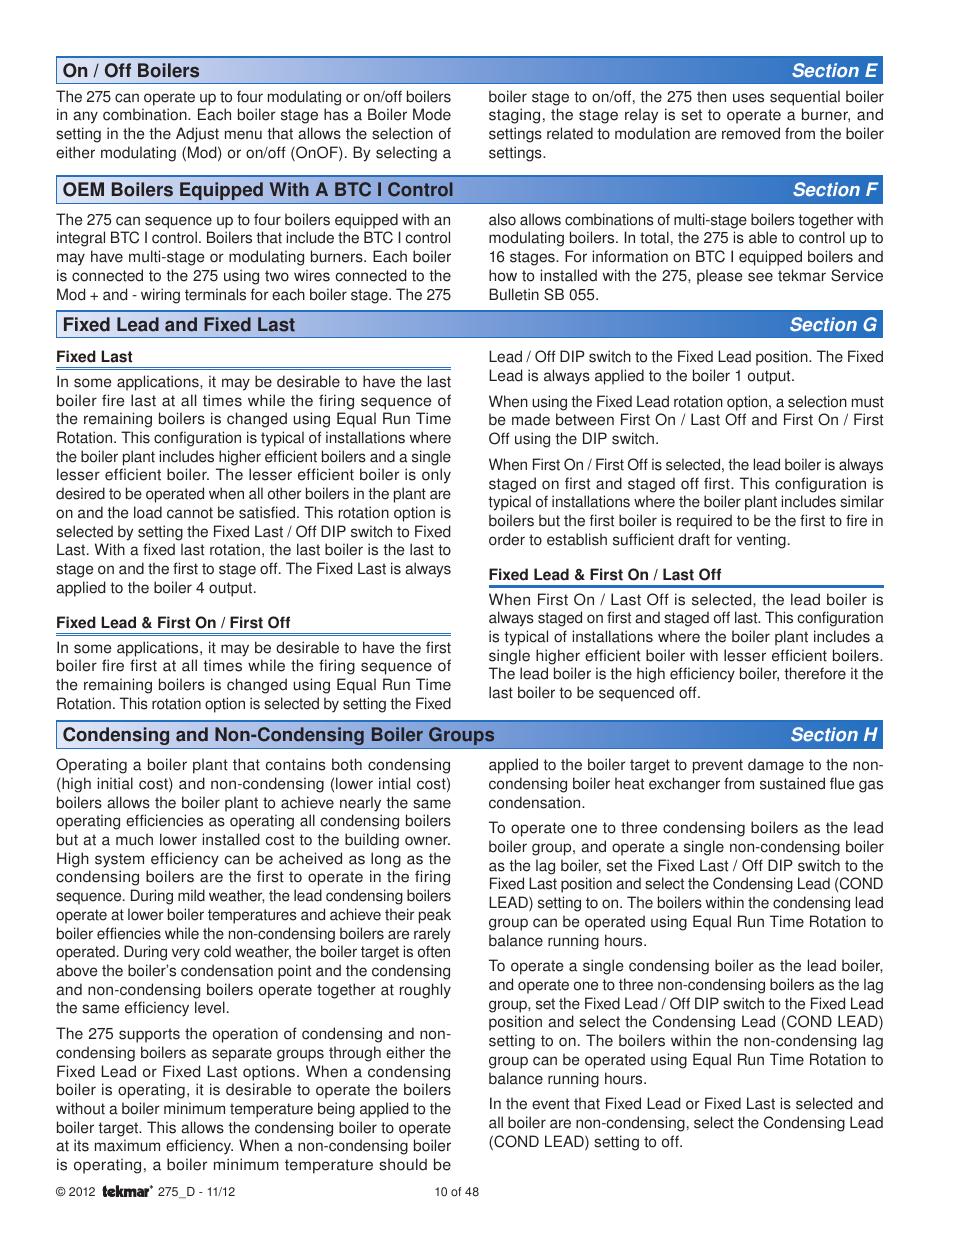 tekmar 275 Boiler Control User Manual | Page 10 / 48